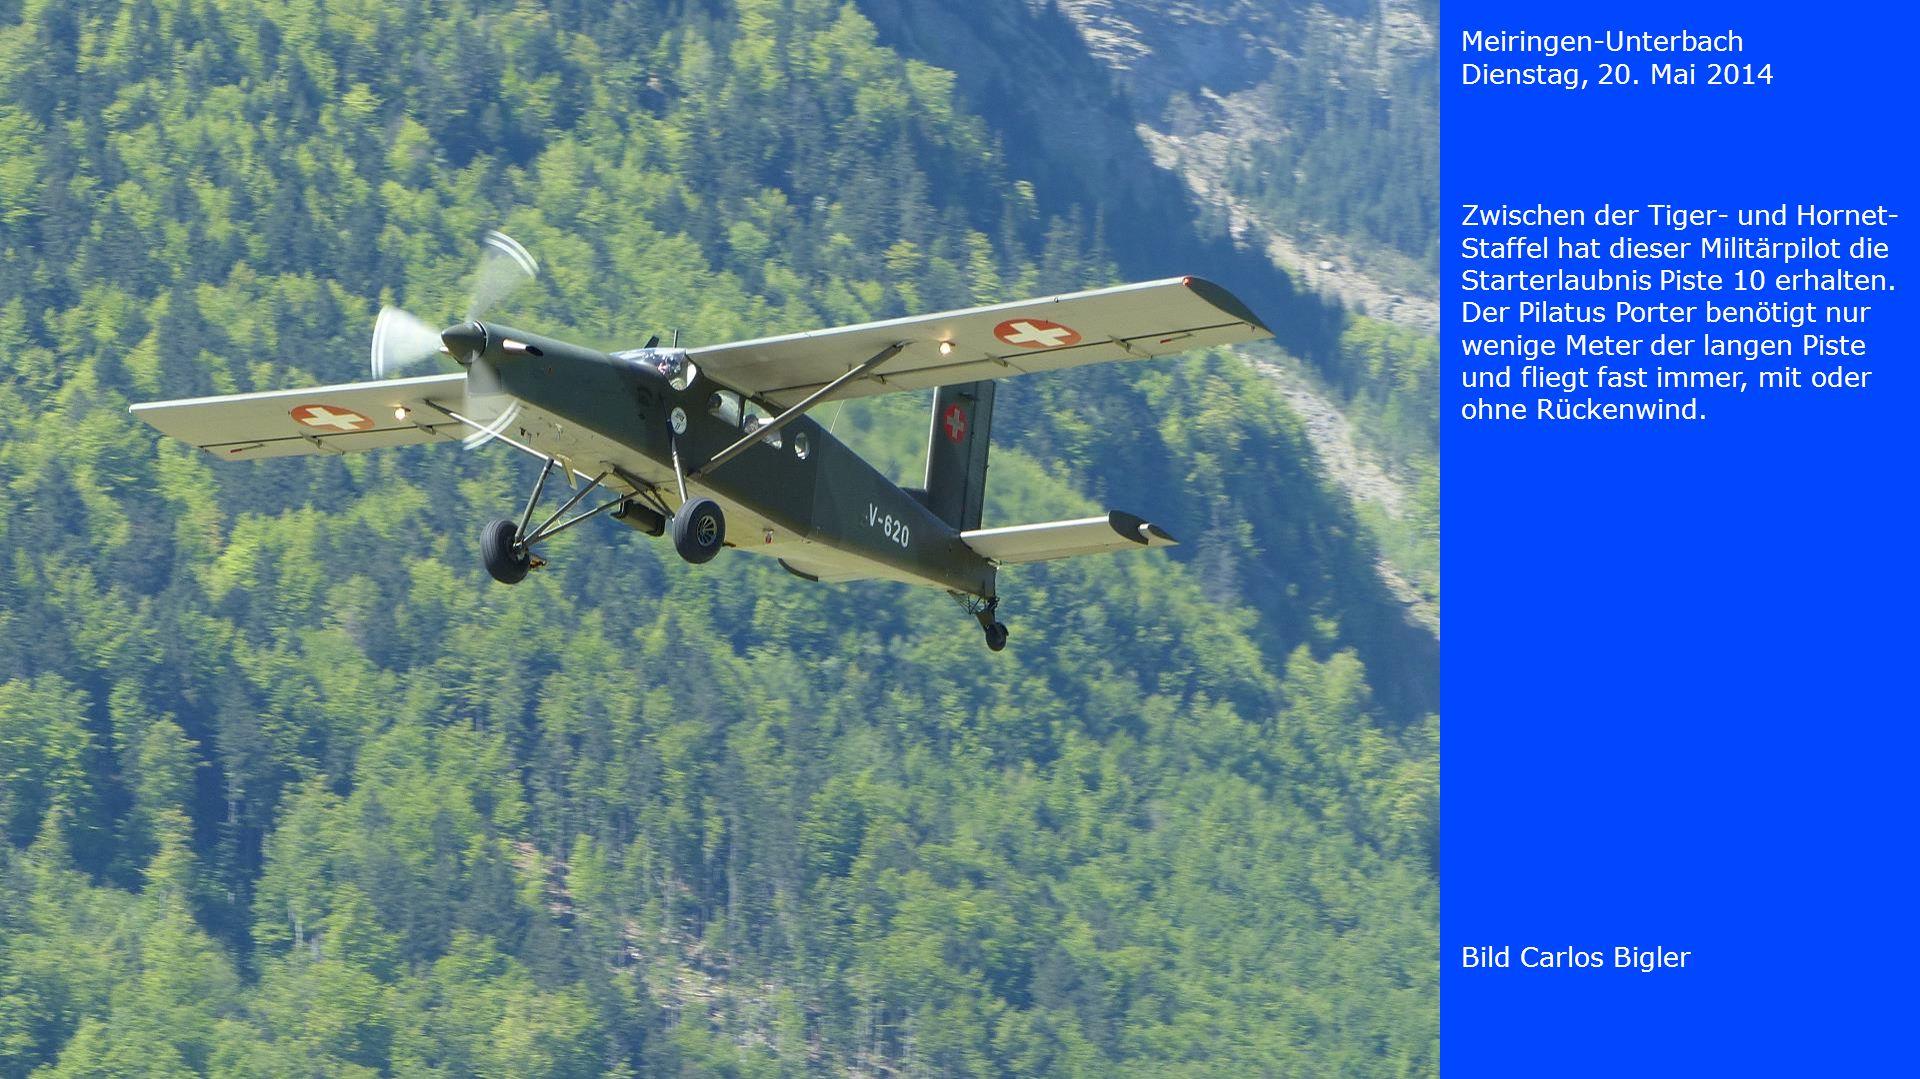 Meiringen-Unterbach Dienstag, 20. Mai 2014. Zwischen der Tiger- und Hornet-Staffel hat dieser Militärpilot die Starterlaubnis Piste 10 erhalten.